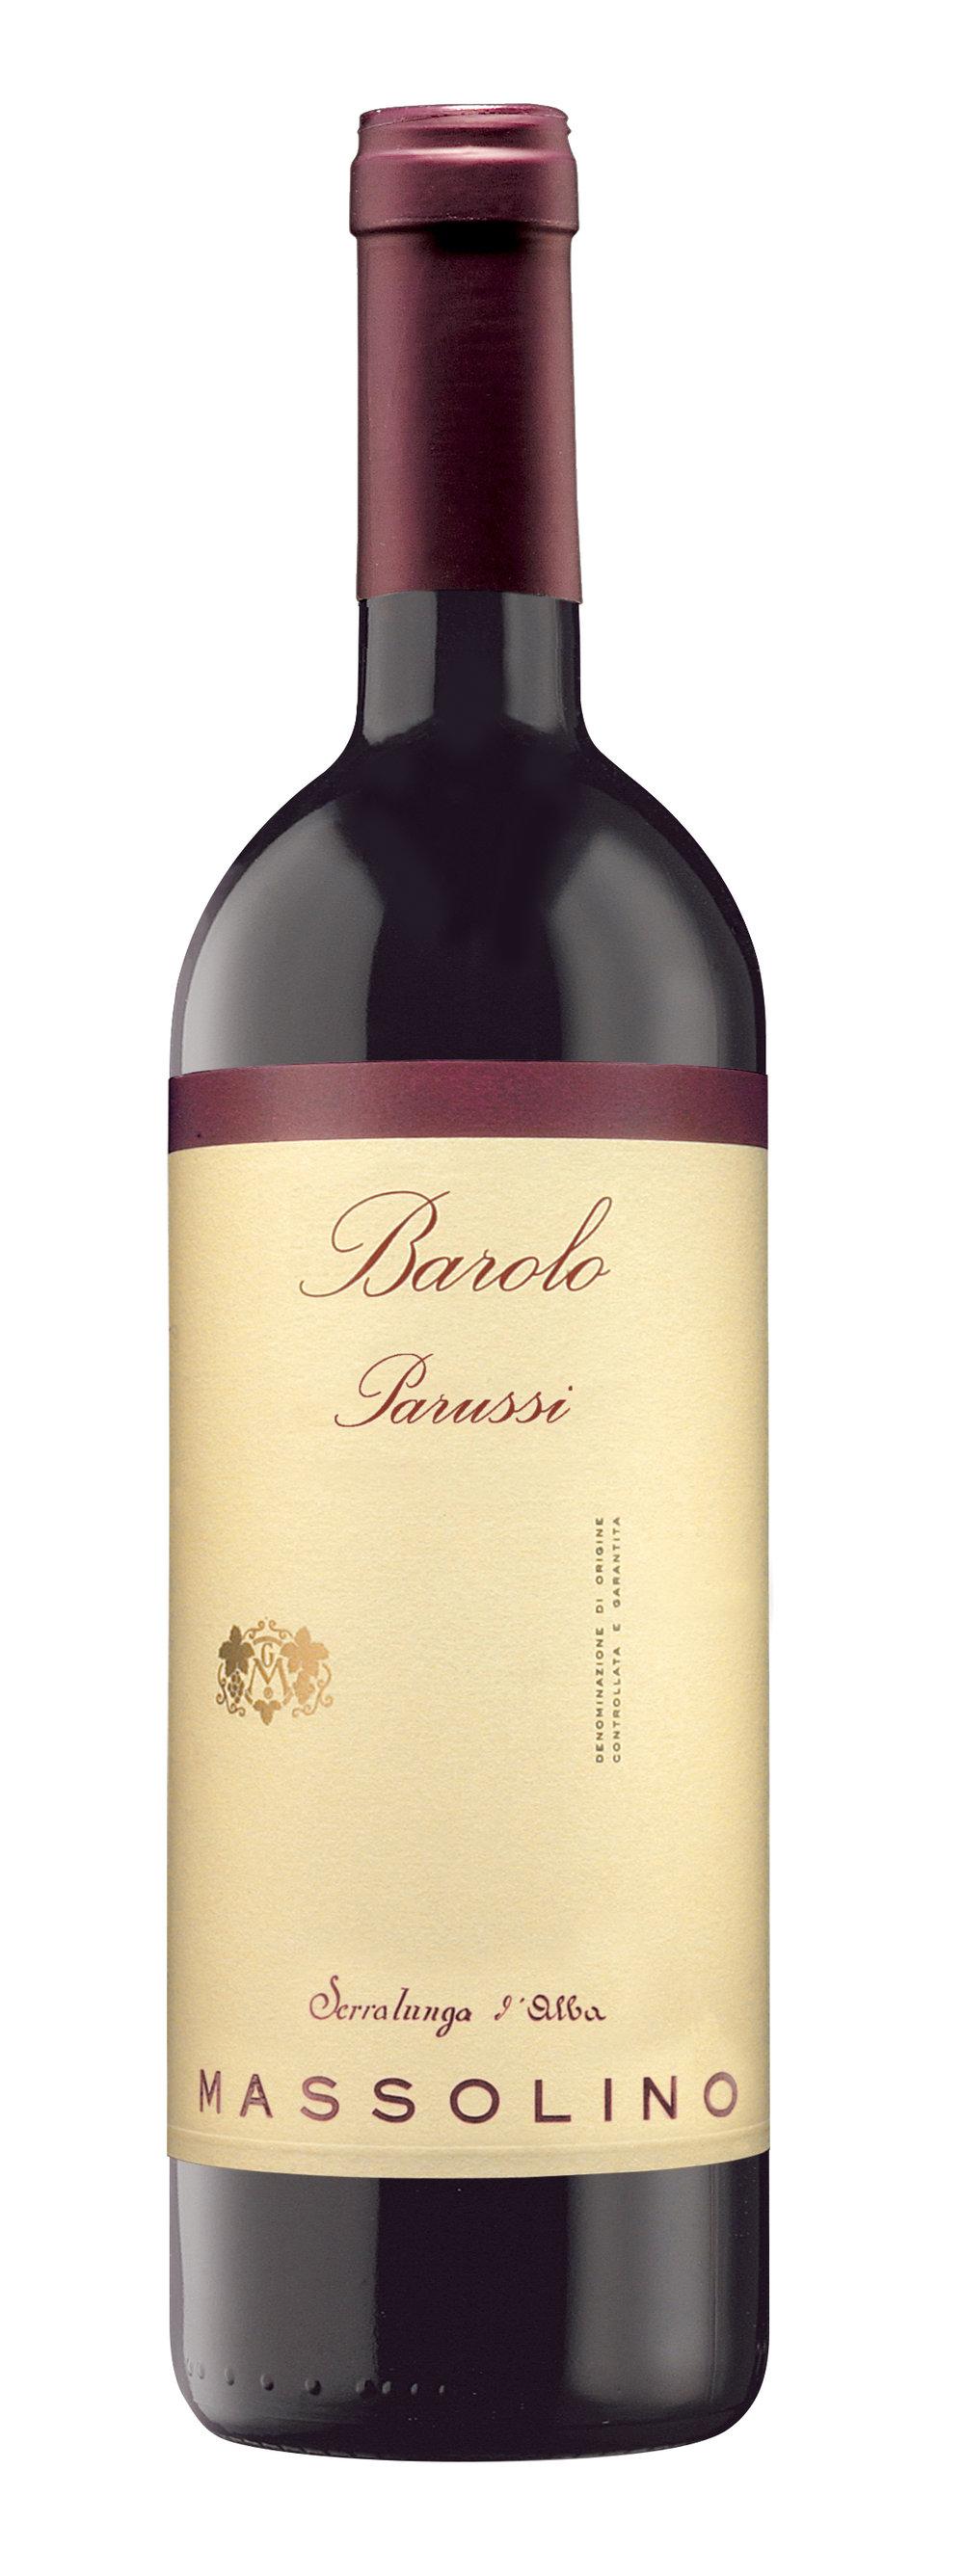 Massolino Parussi Barolo Bottle.jpg